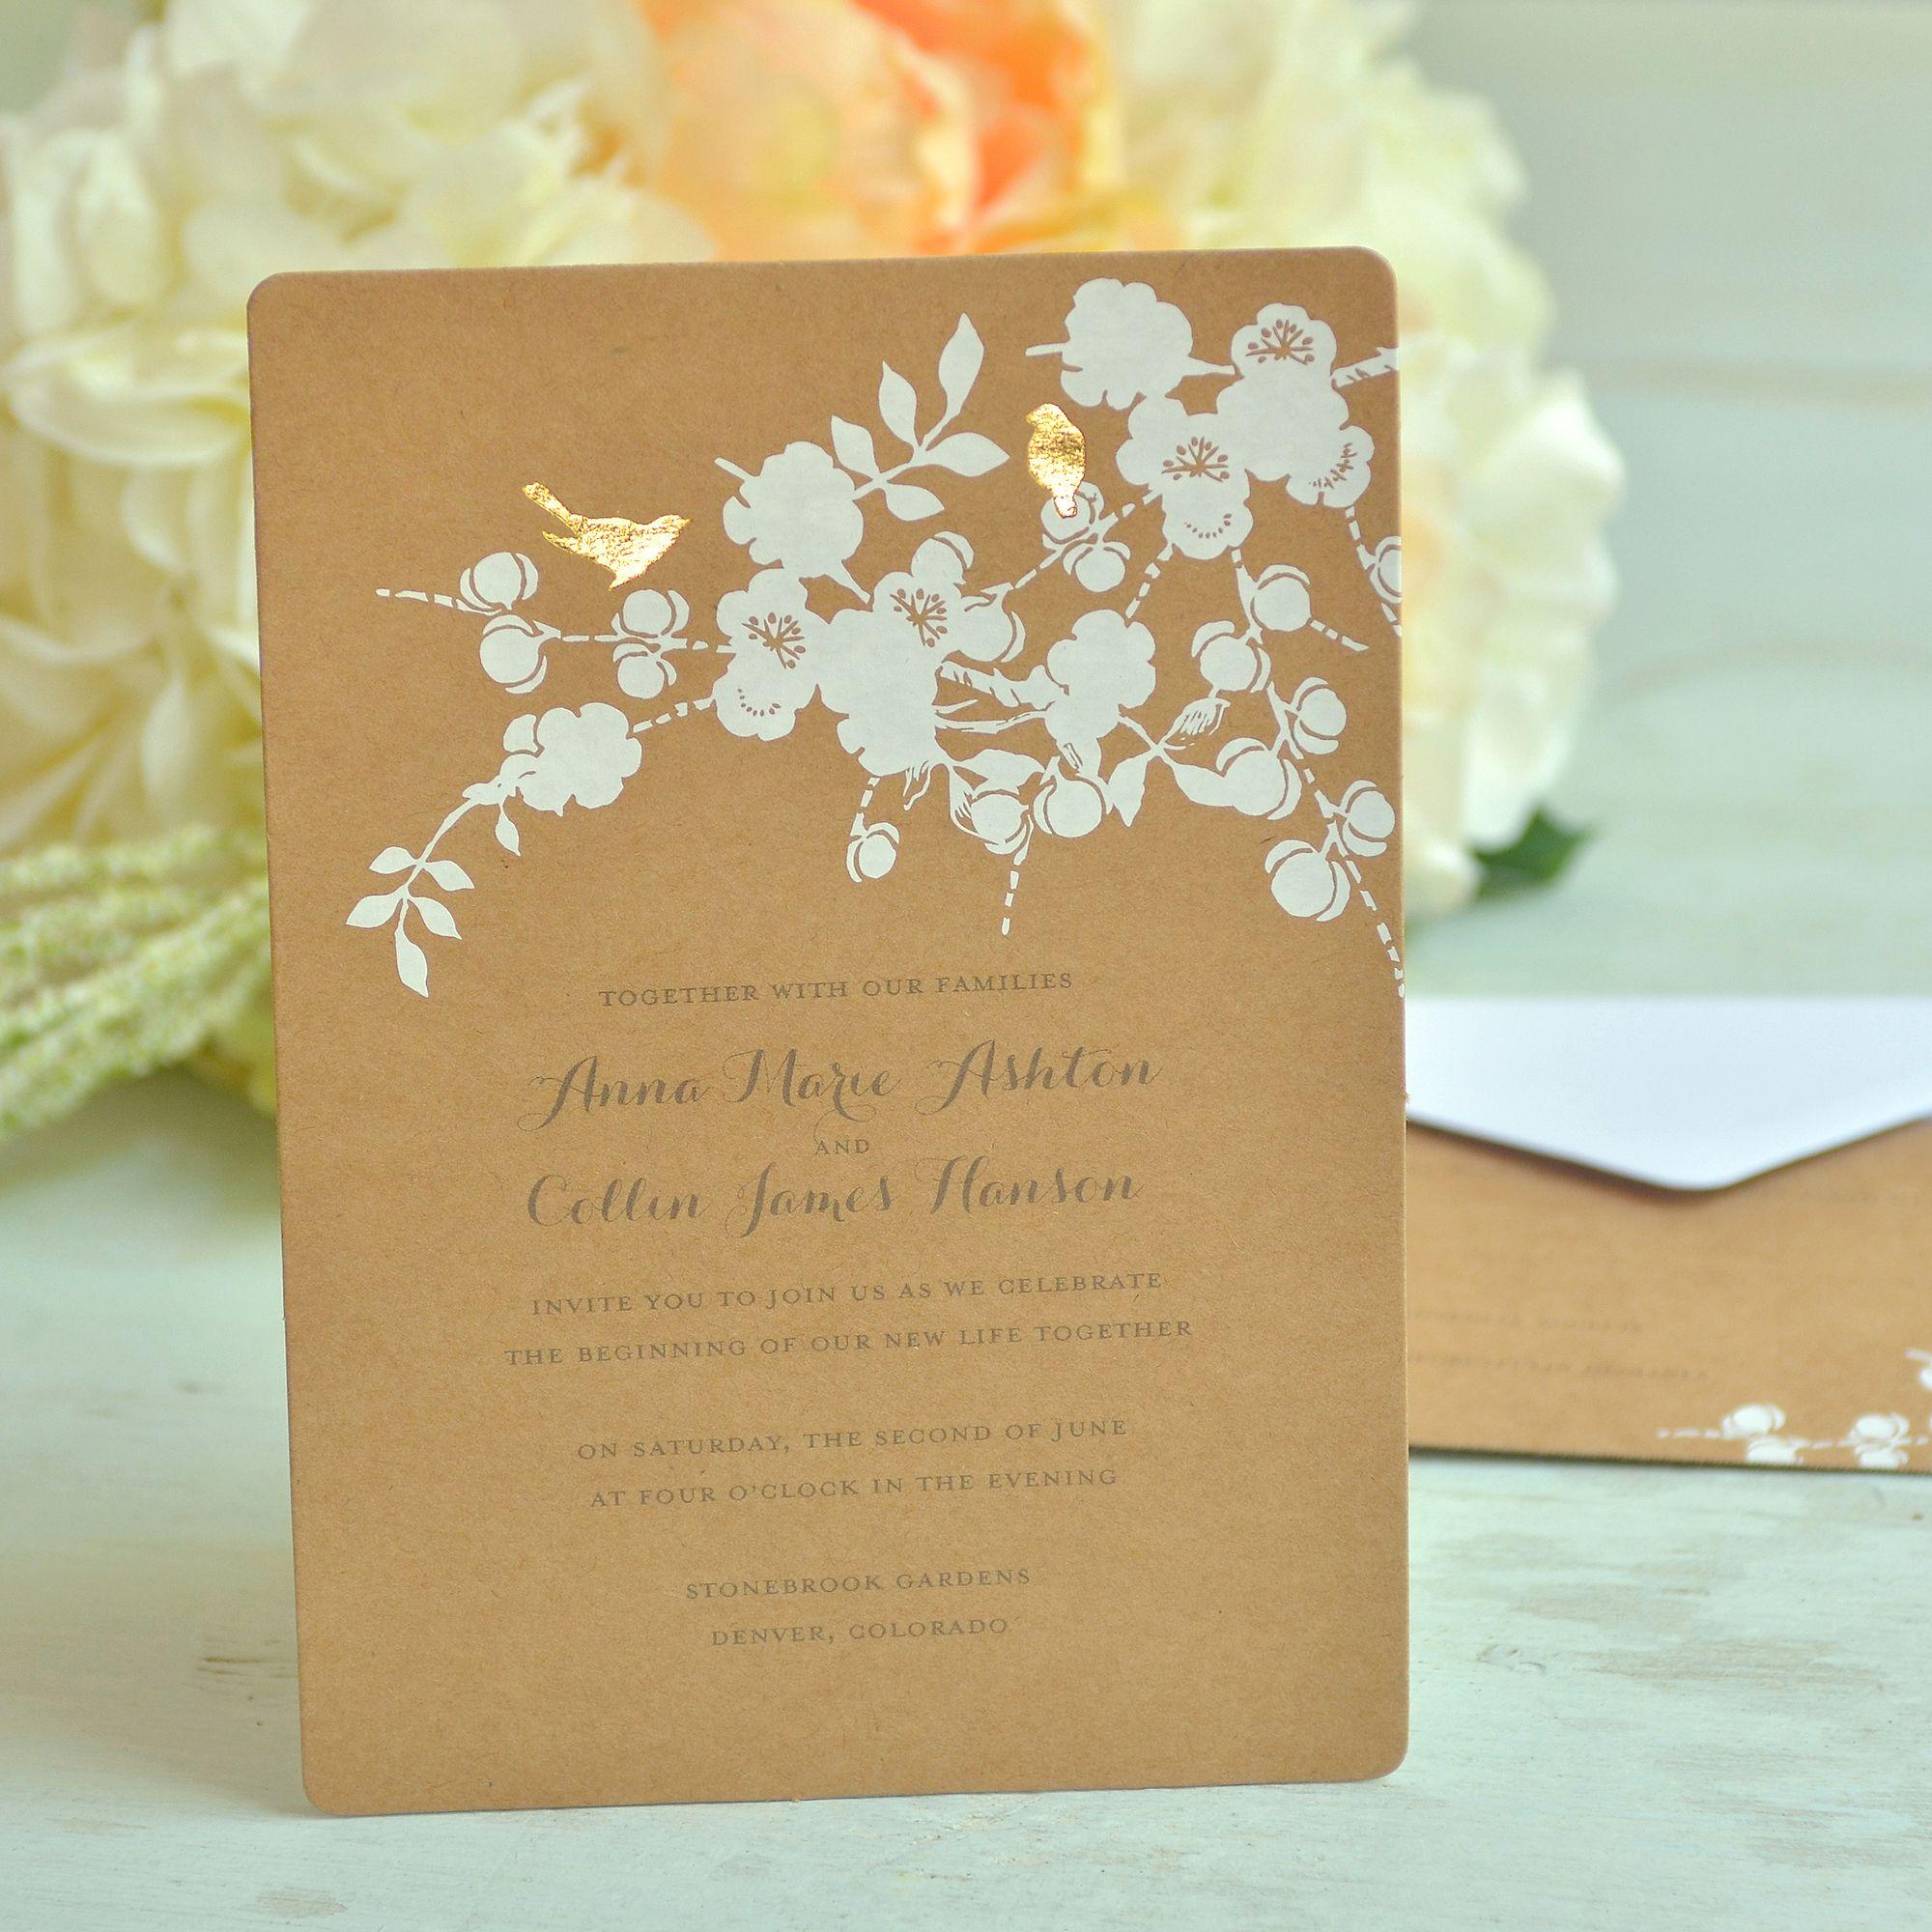 Glitter Invitations Wedding Invitation Kits Glitter Wedding Invitations